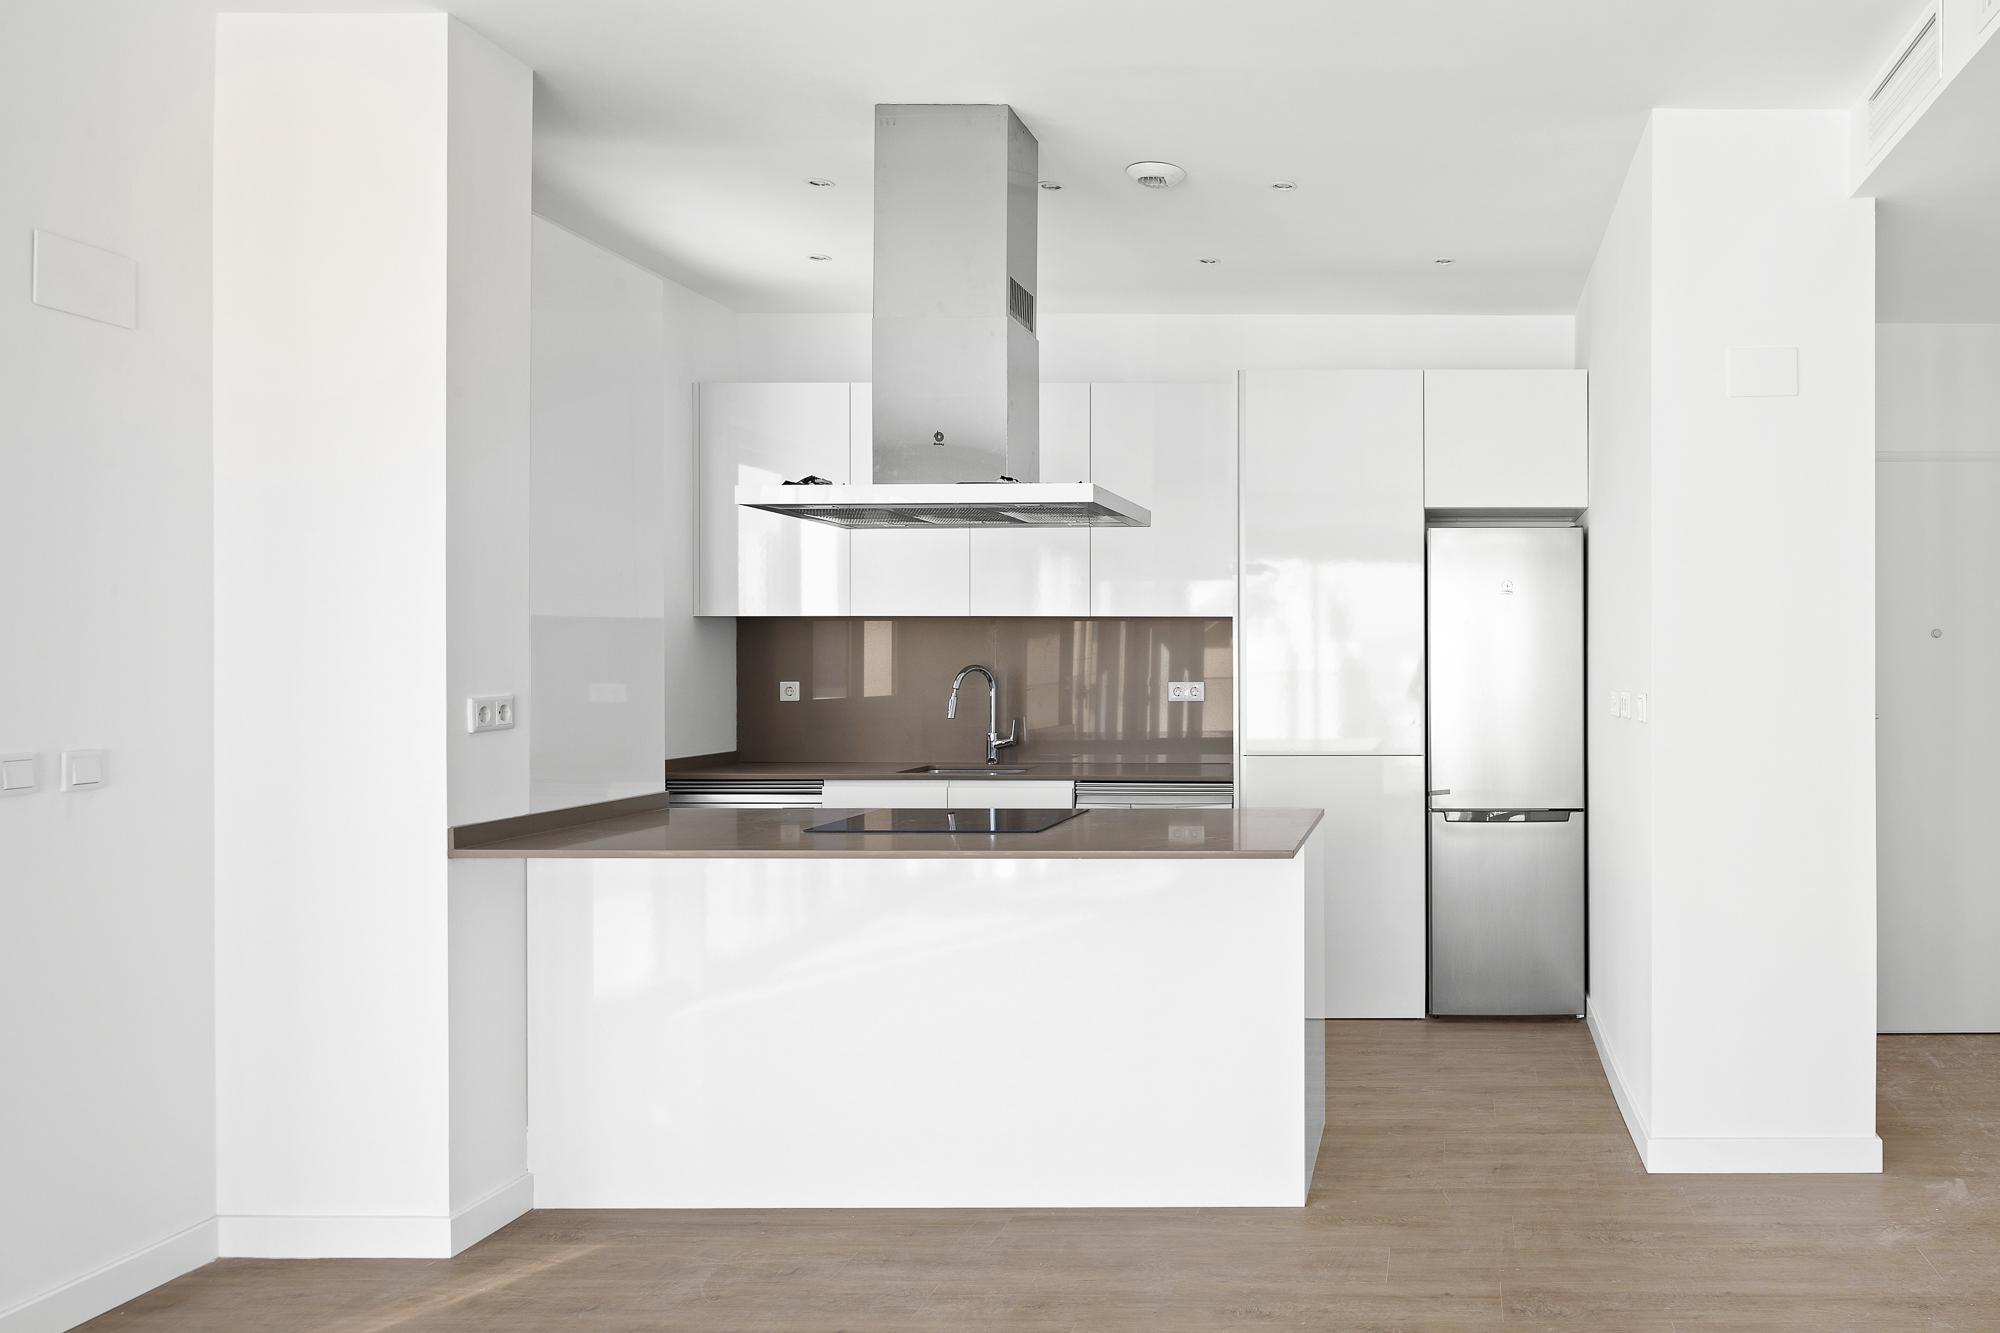 Fotografía frontal de cocina blanca abierta en Residencial Nature.